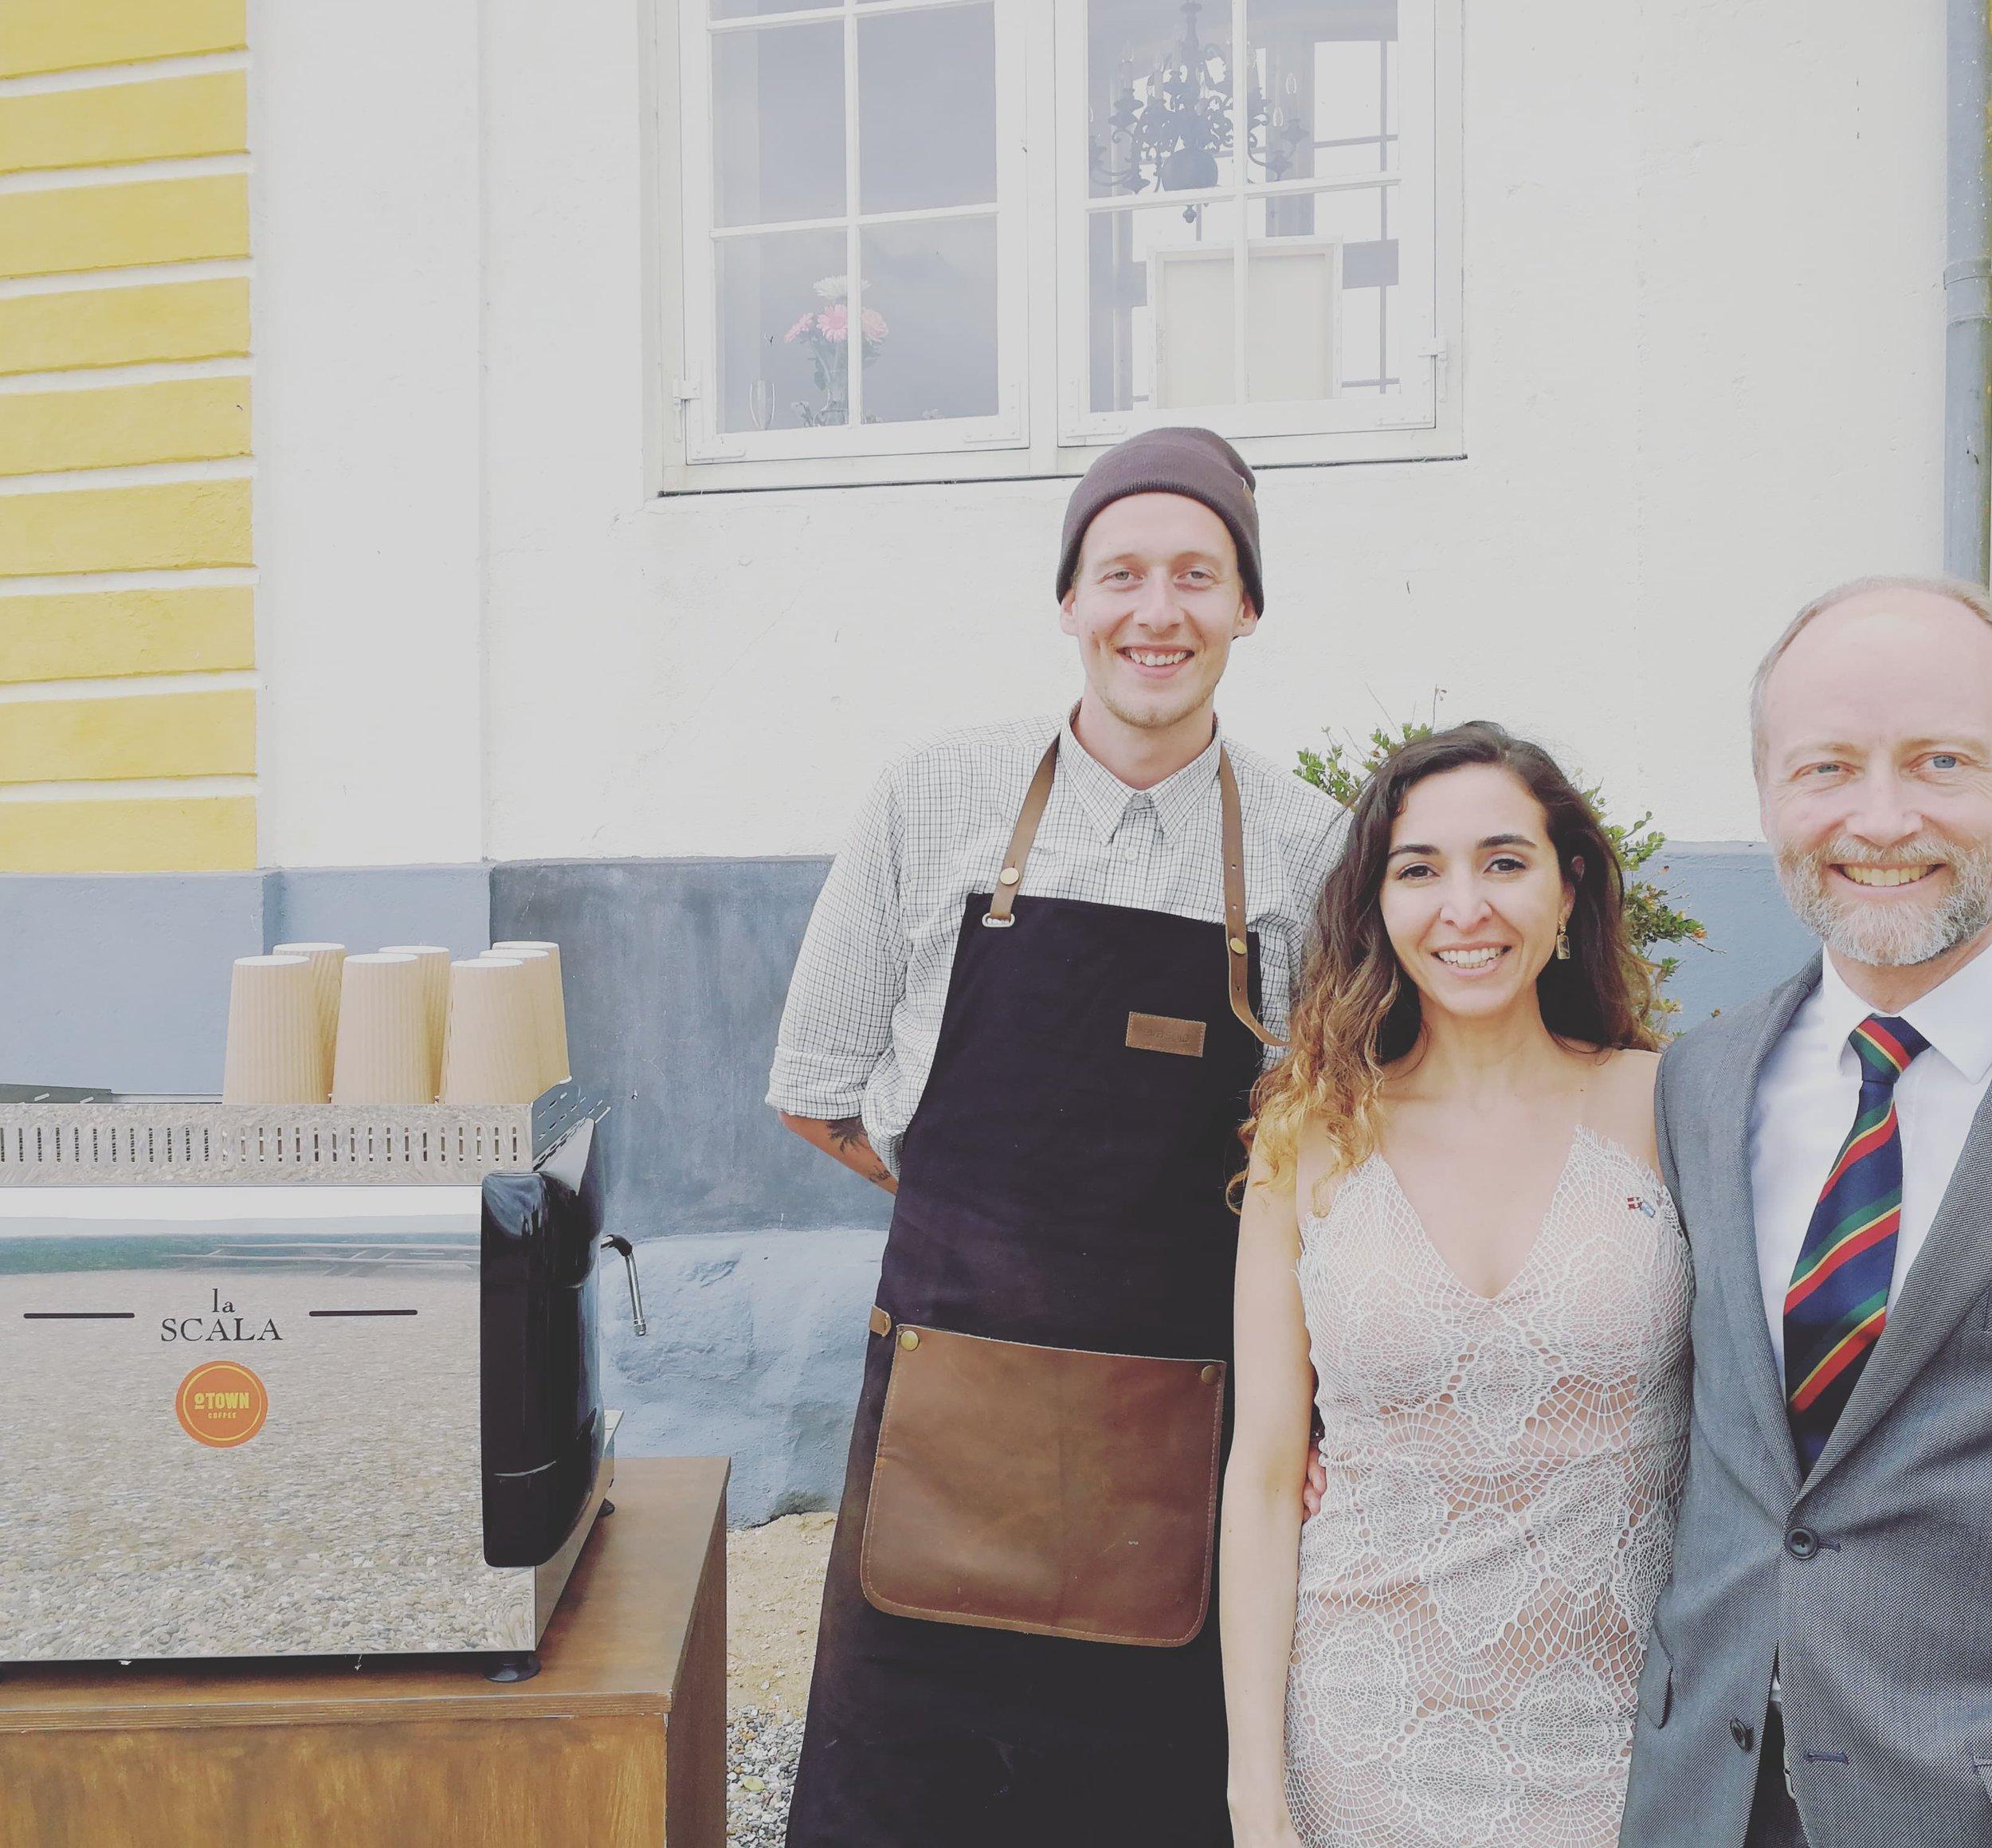 Mobil kaffebar til PHD fest på Tåsinge